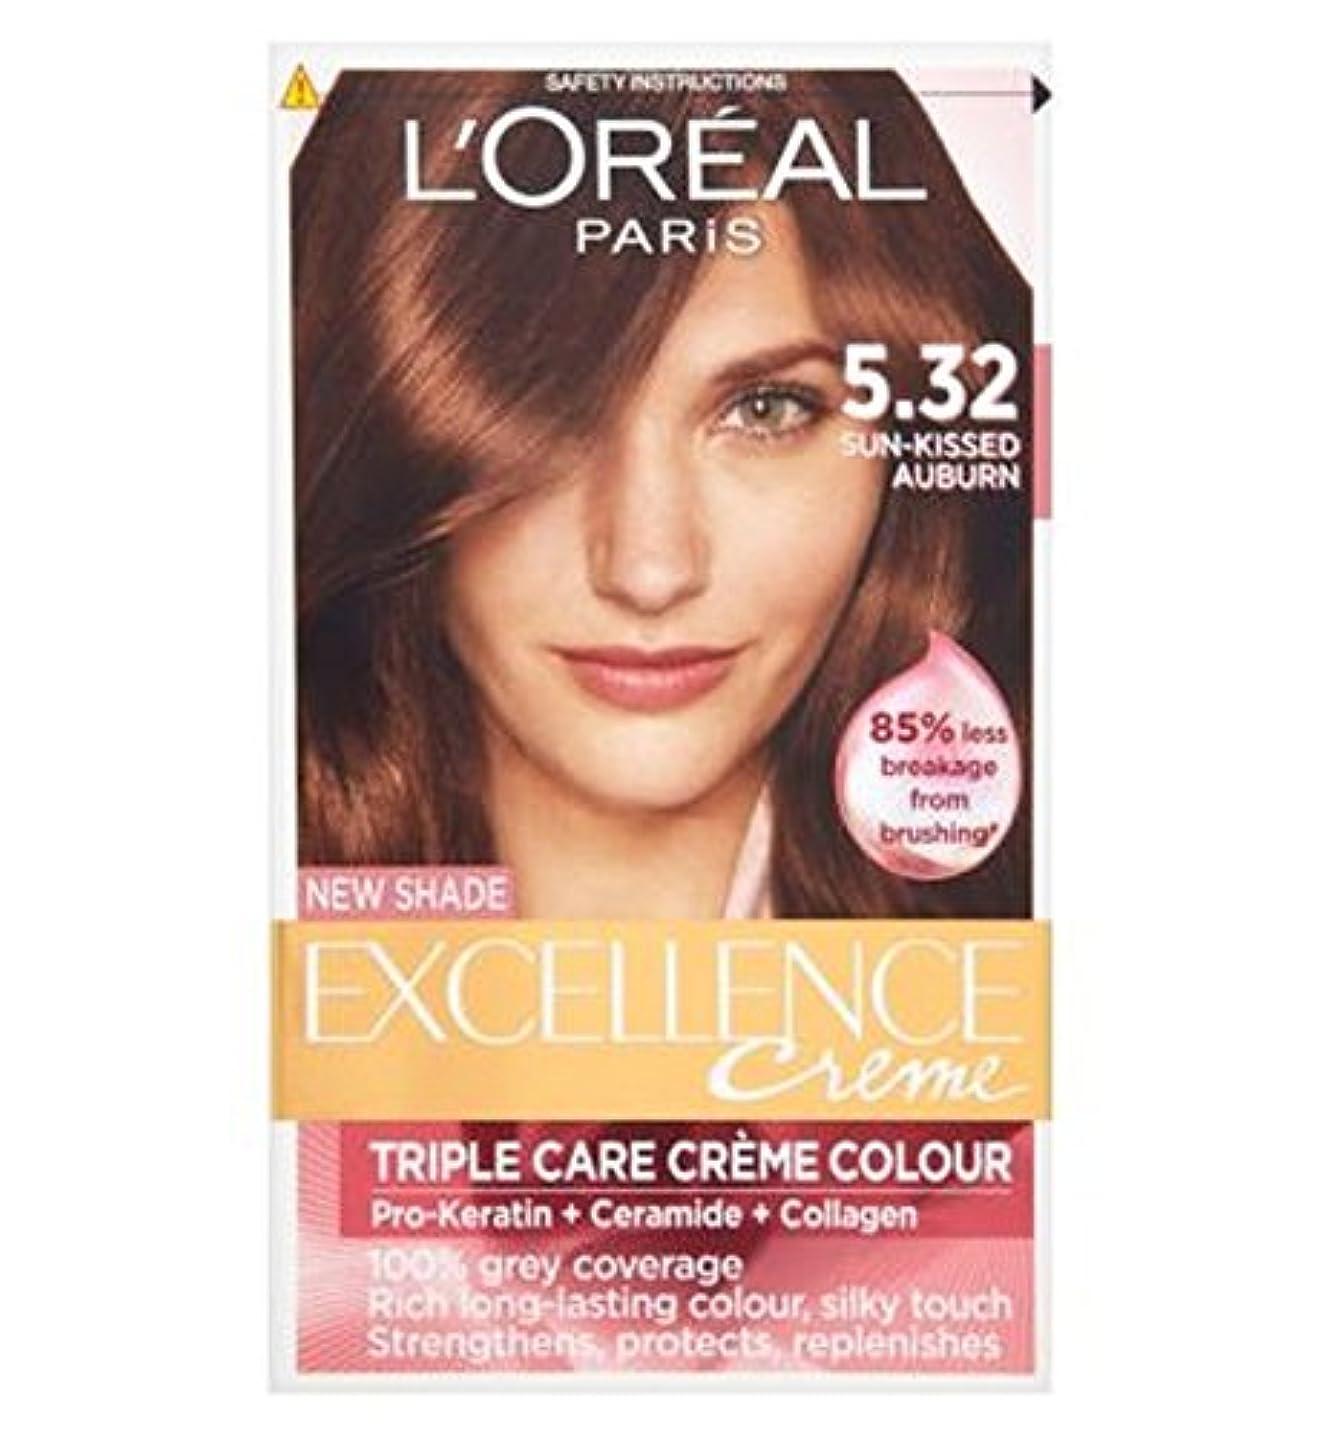 チャレンジ寄稿者建てるL'Oreall Excellence 5.32 Sun-Kissed Auburn - L'Oreall優秀5.32日、キス赤褐色 (L'Oreal) [並行輸入品]